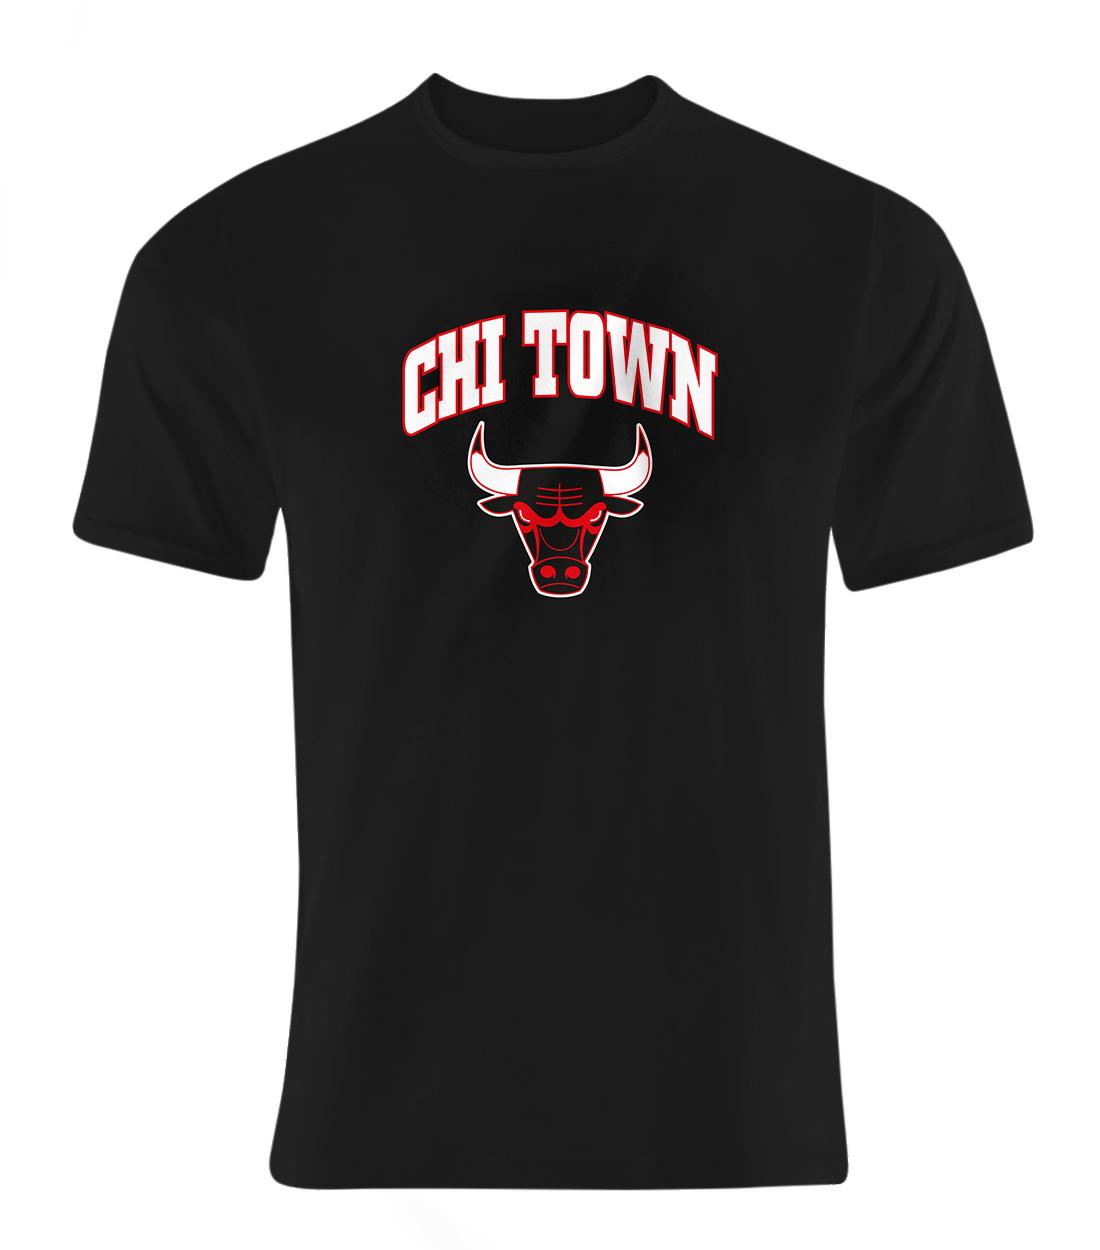 Chicago Bulls Chi Town Tshirt (TSH-BLC-NP-47-NBA-CHI-TOWN)